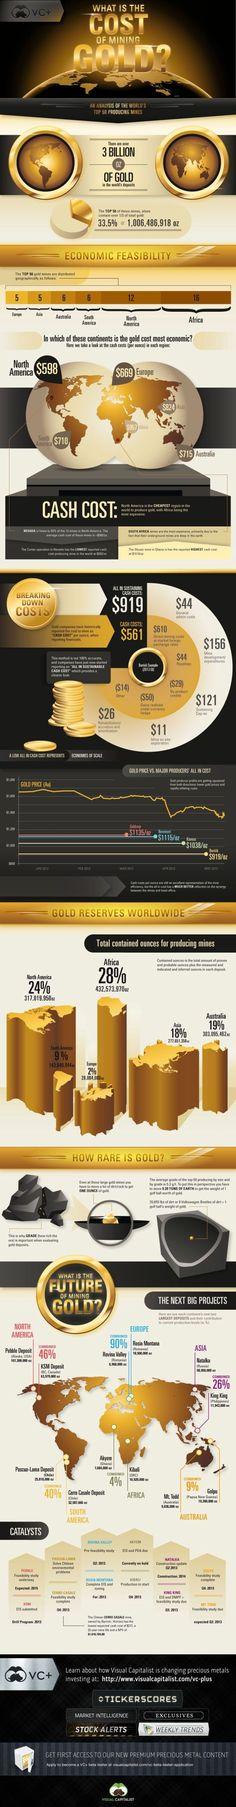 Una interesante infografía de Visual Capitalist sobre el coste de extracción del oro.